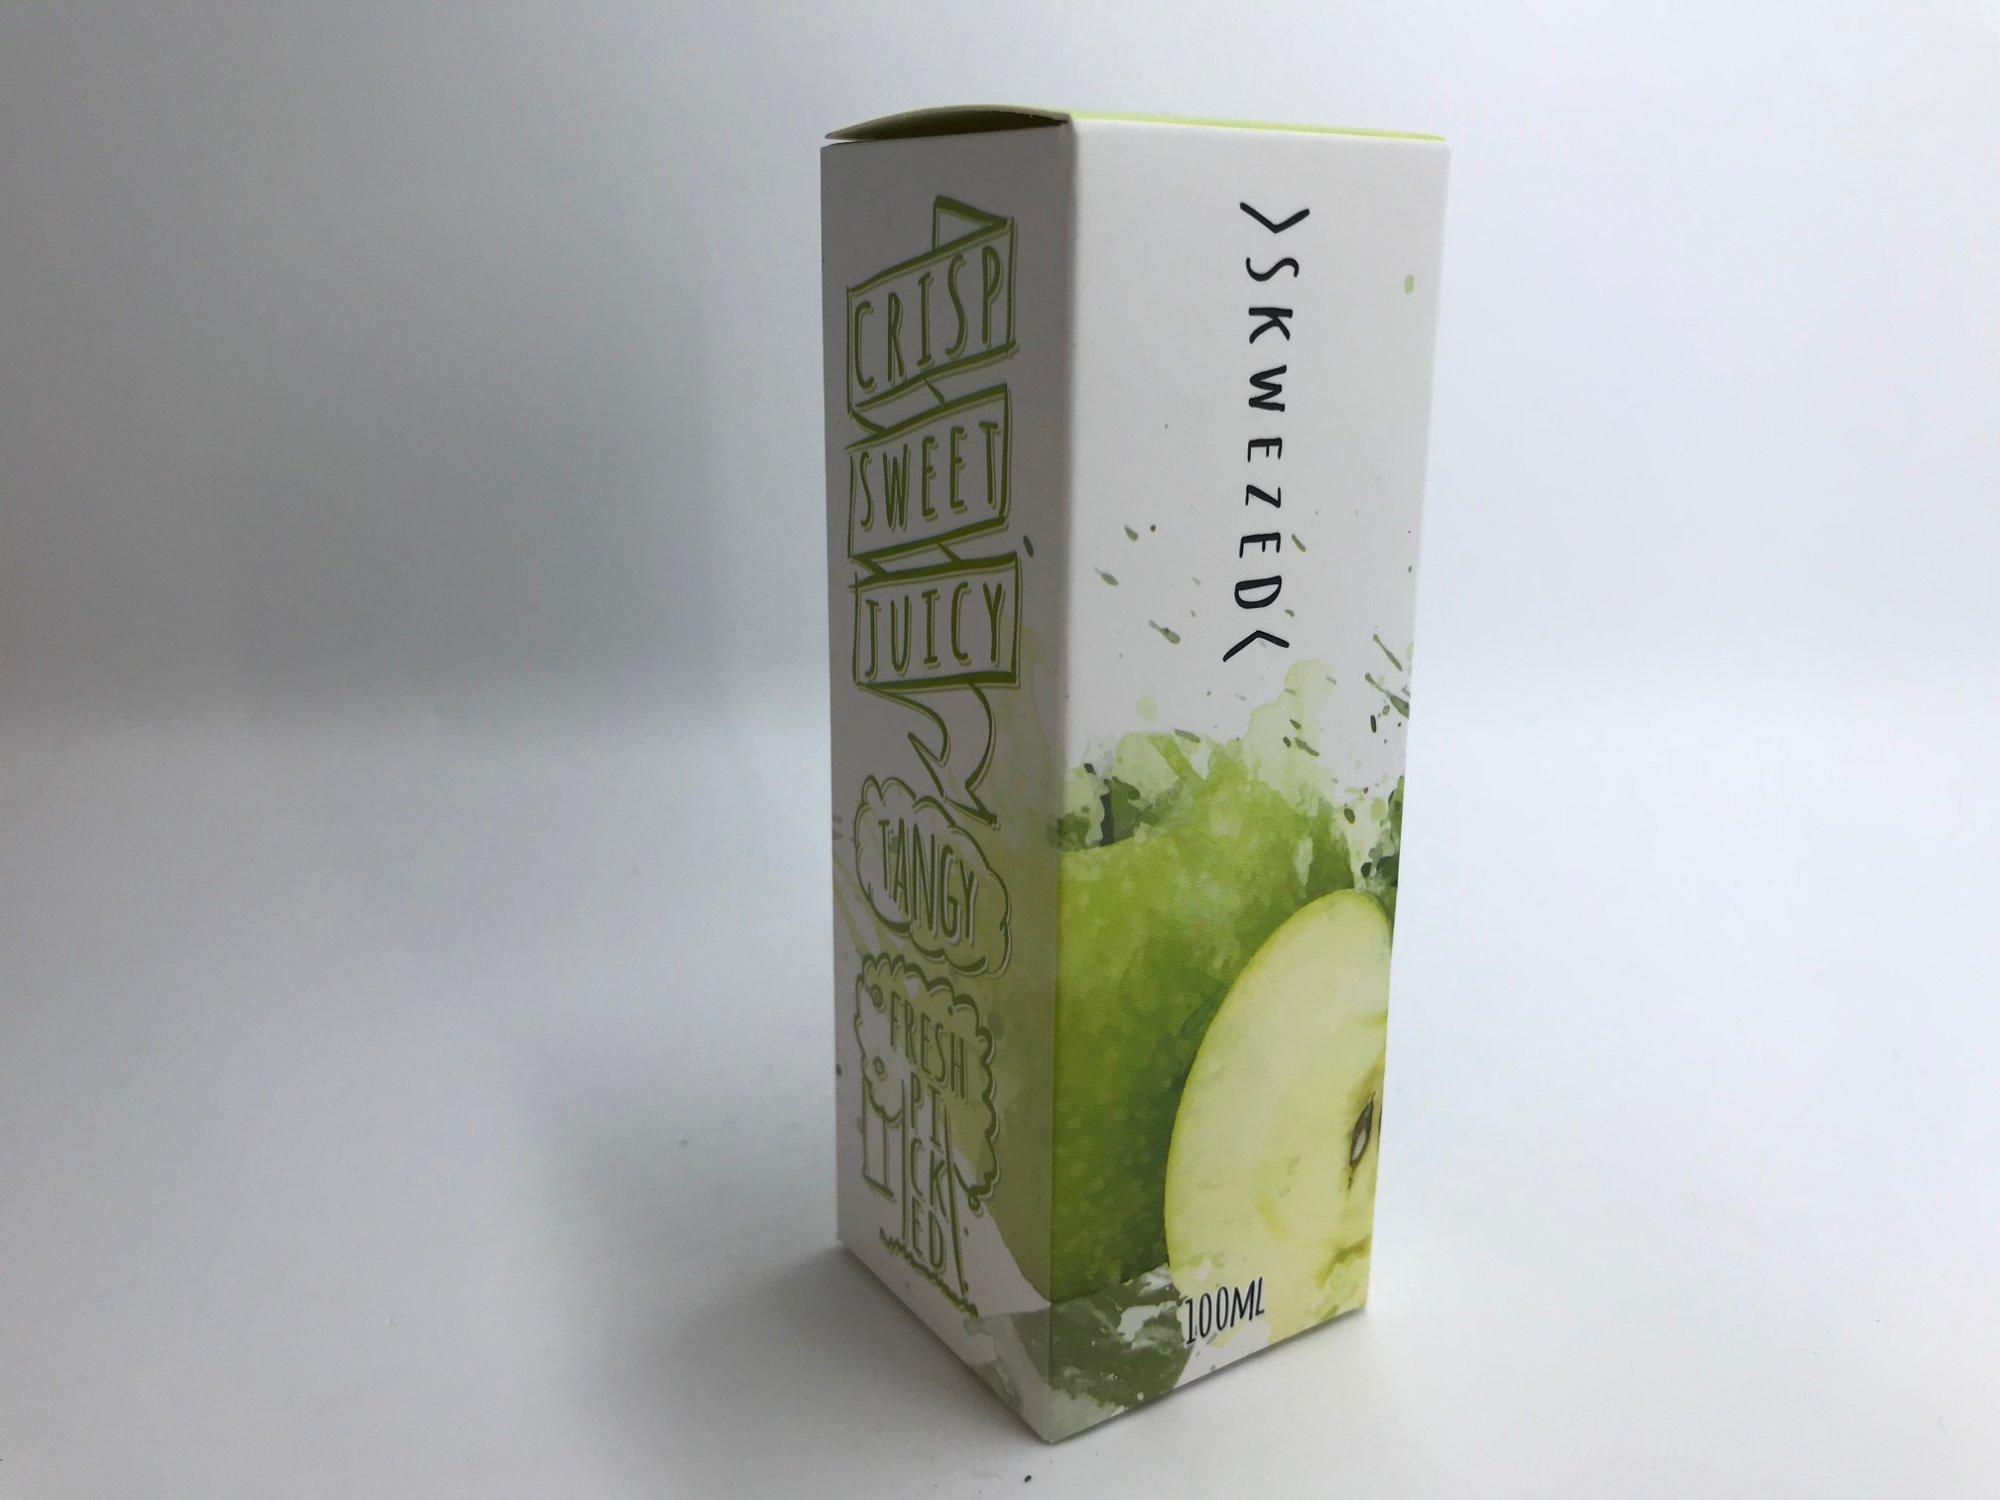 Skwezed Green Apple eJuice